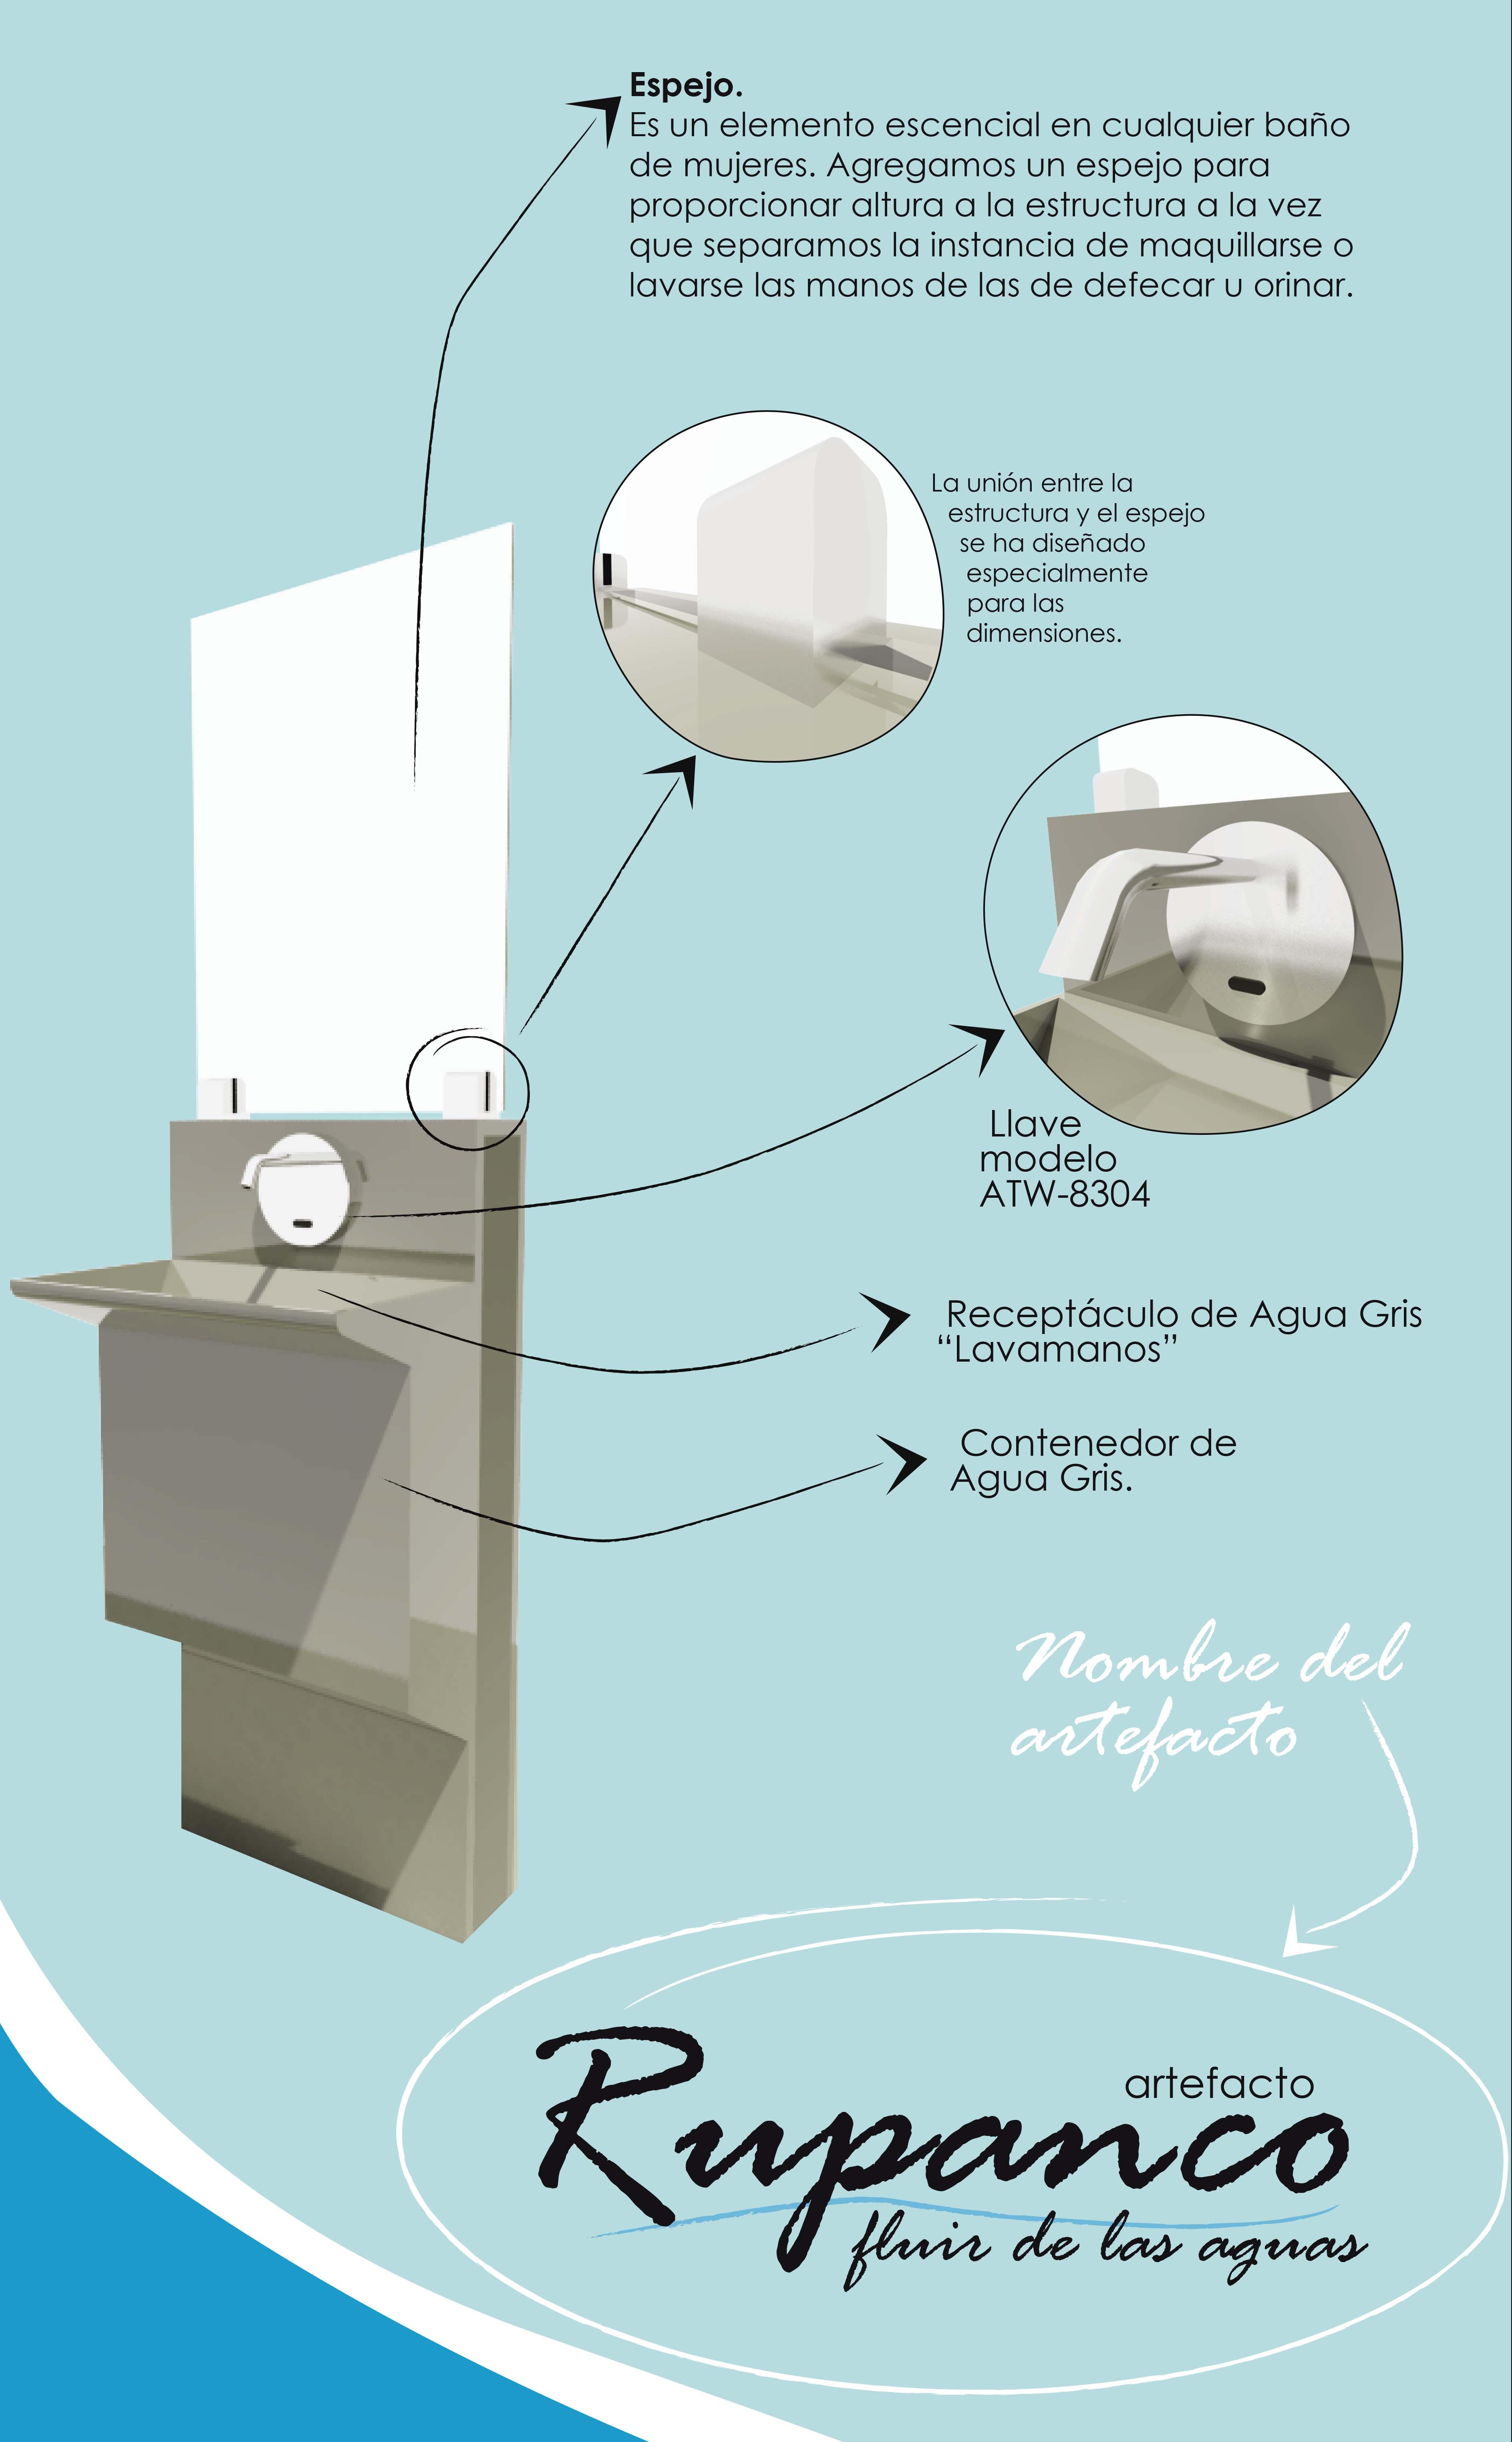 Rupanco, product details